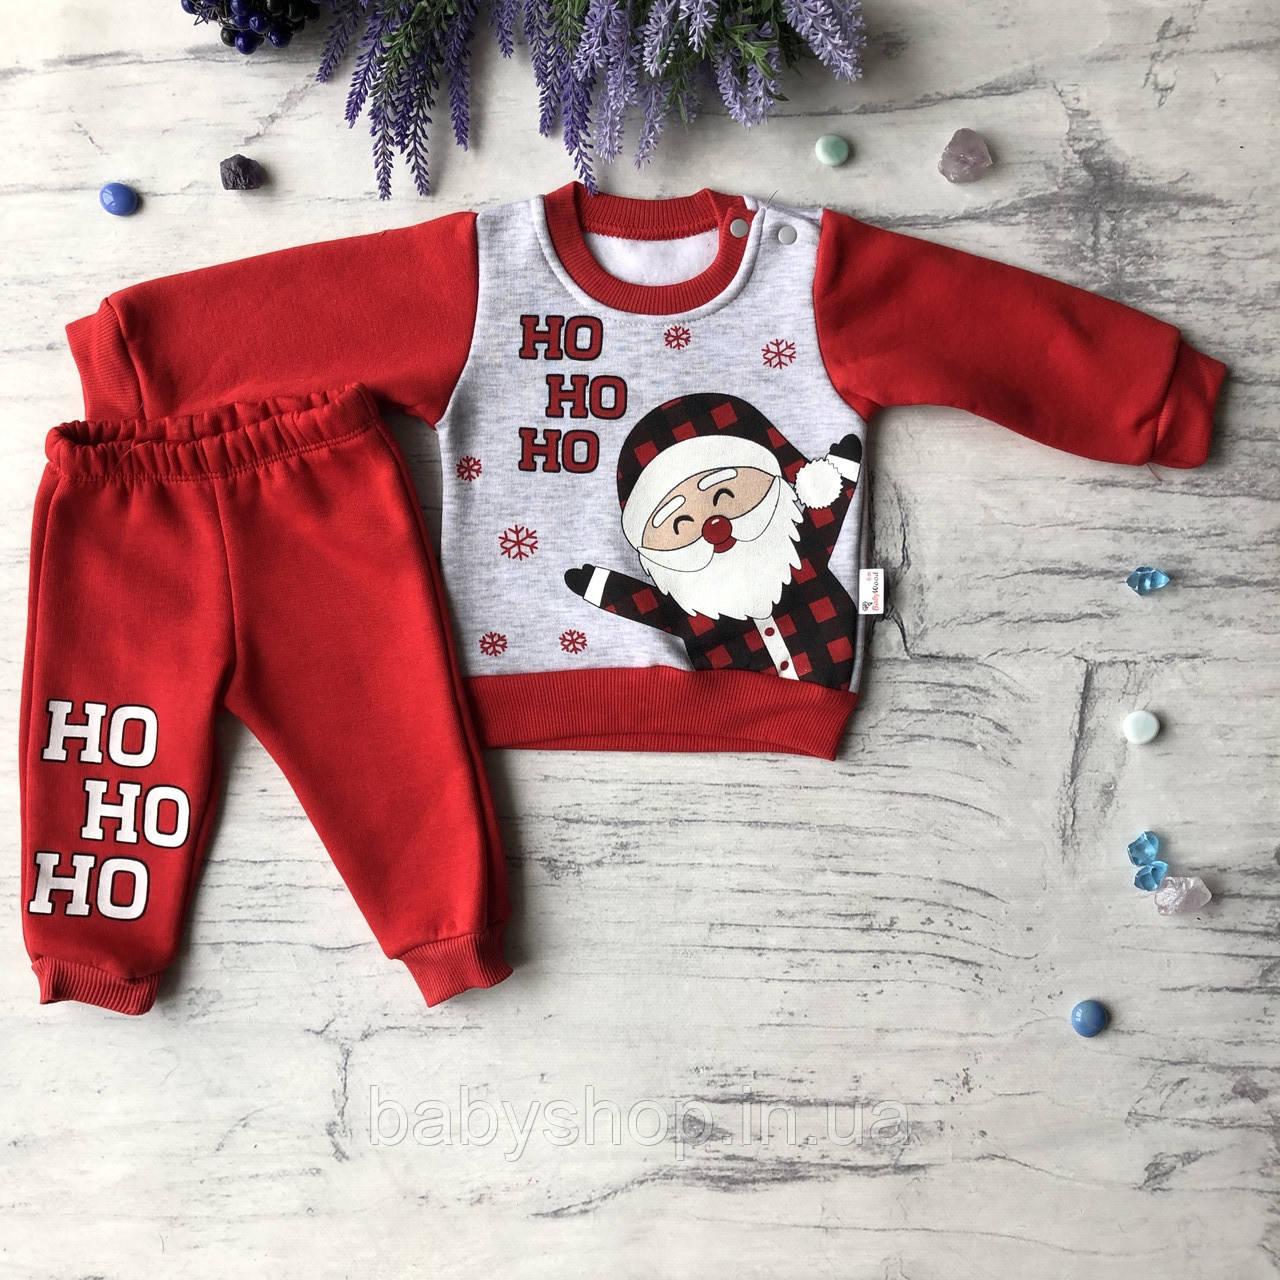 Теплый костюм новогодний на мальчика и девочку 9. Размер 68 см